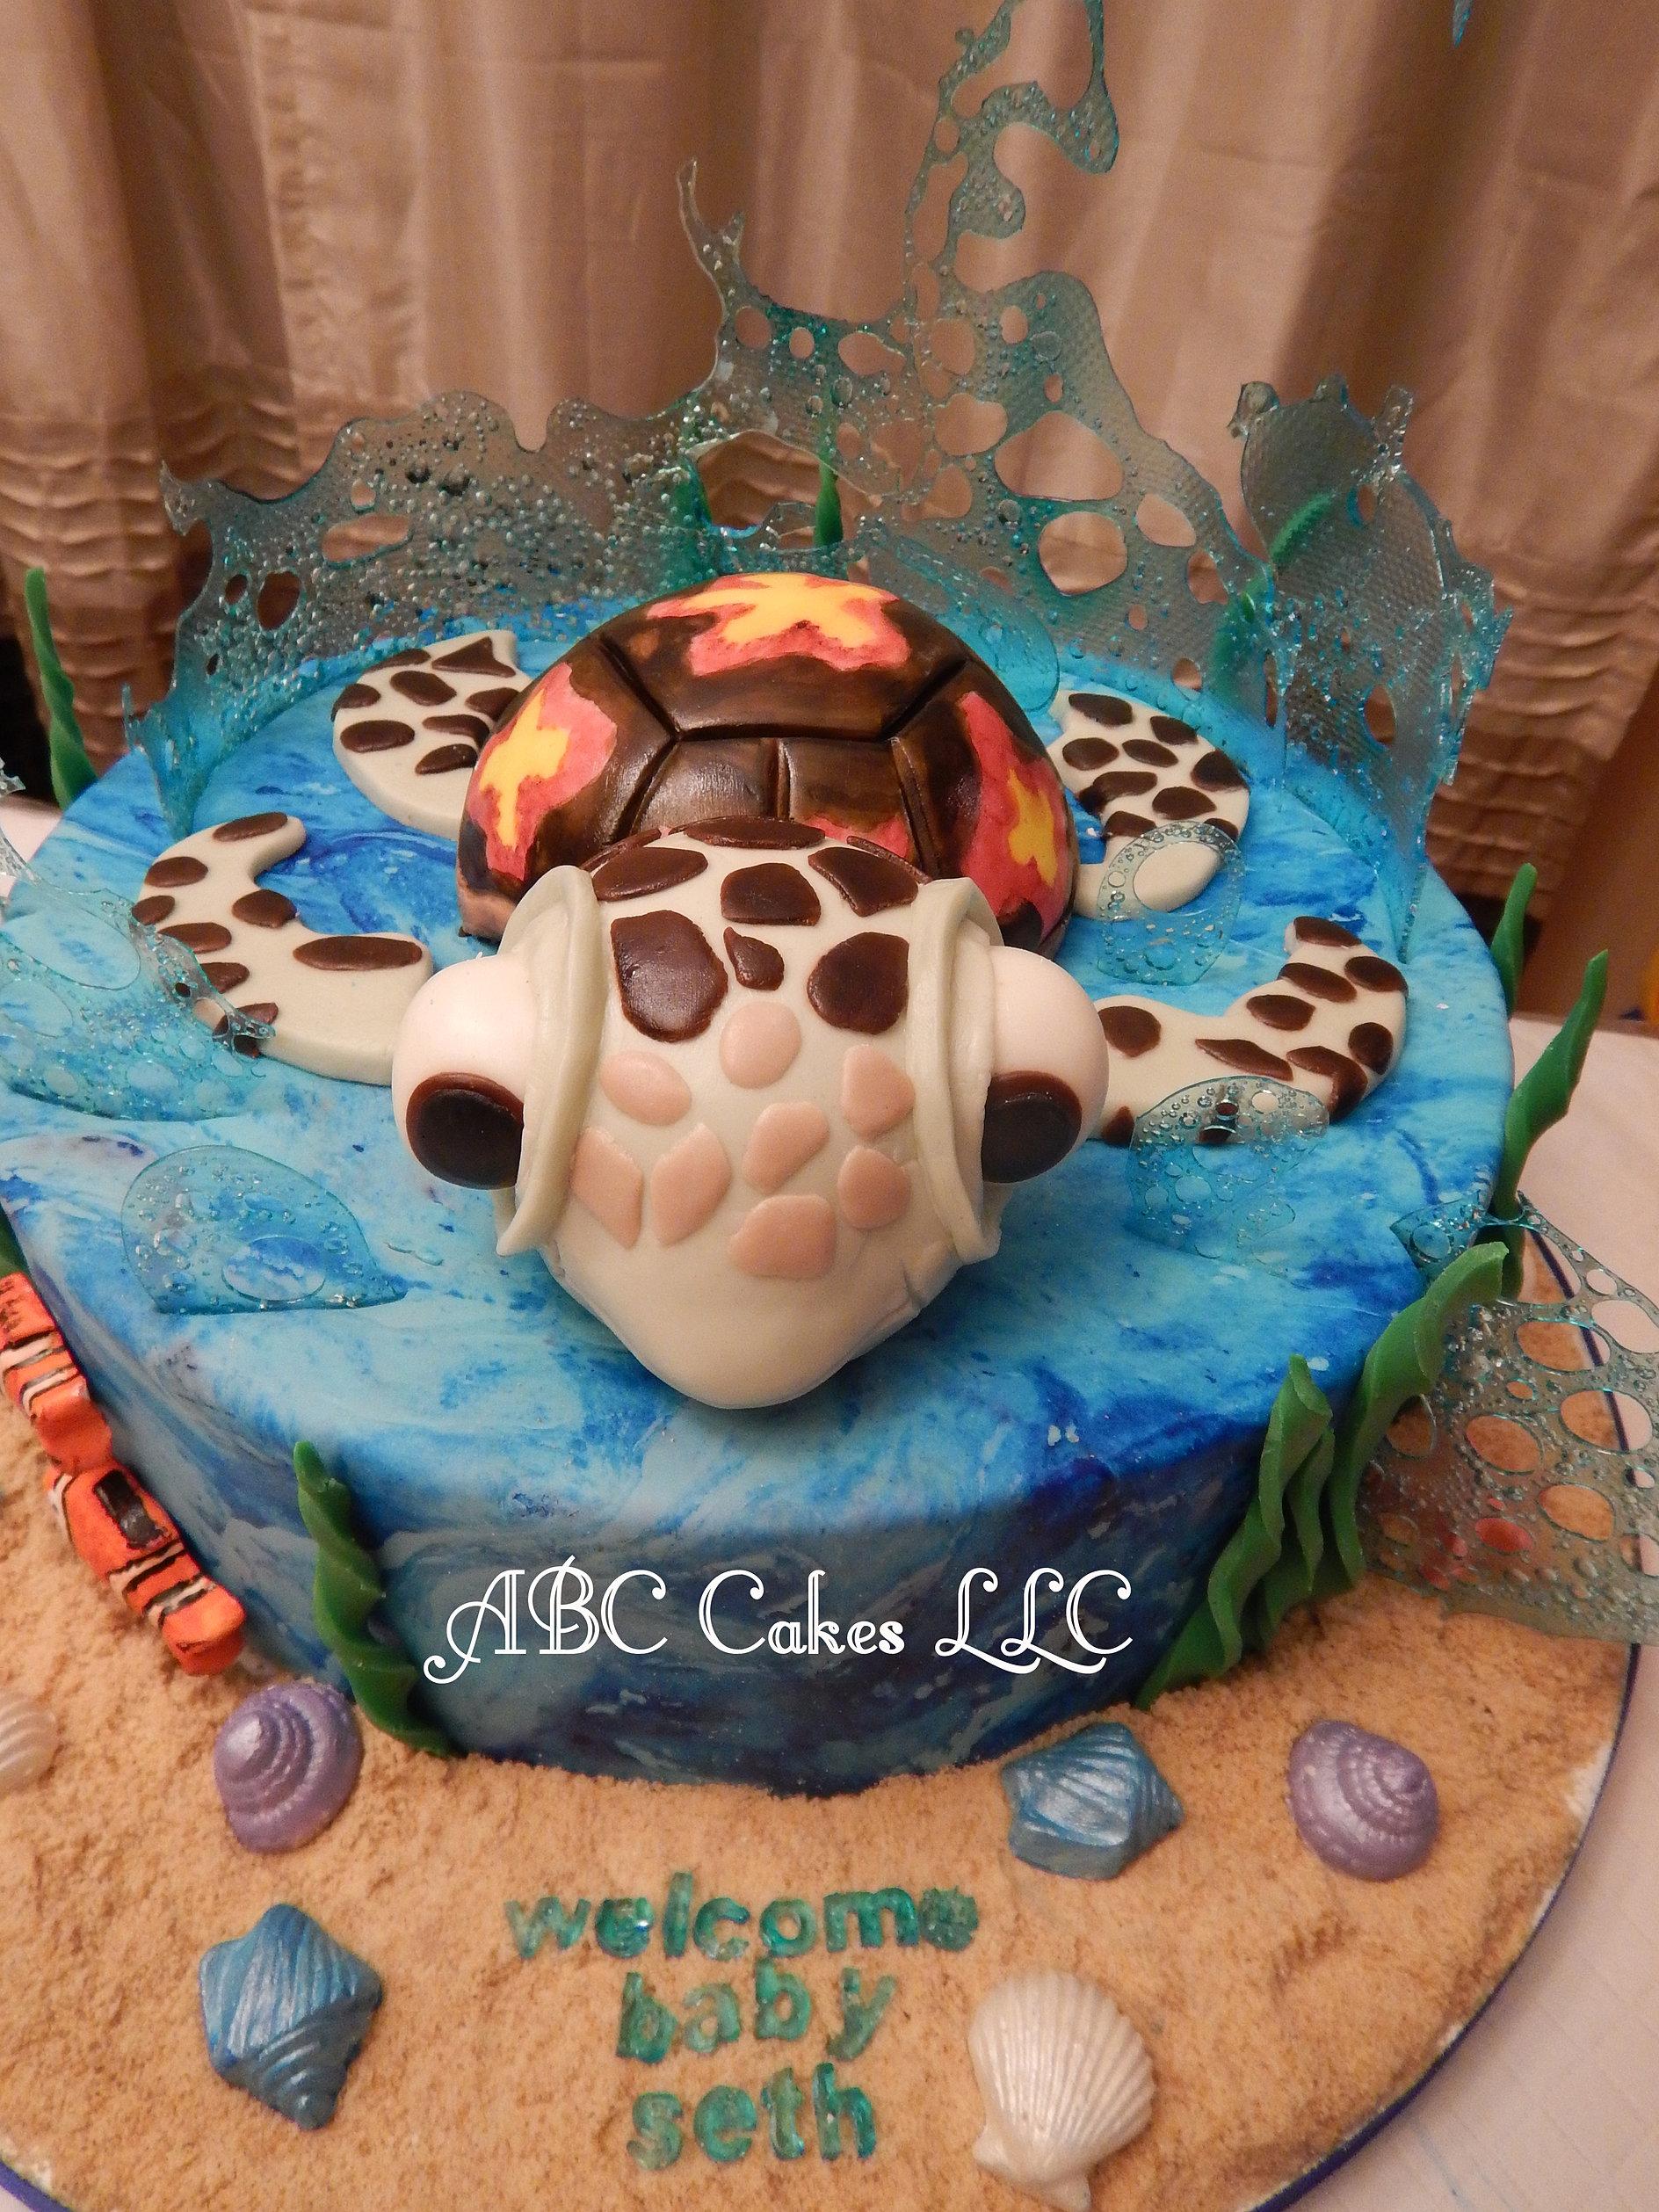 baby showers - Abc Cake Decorating